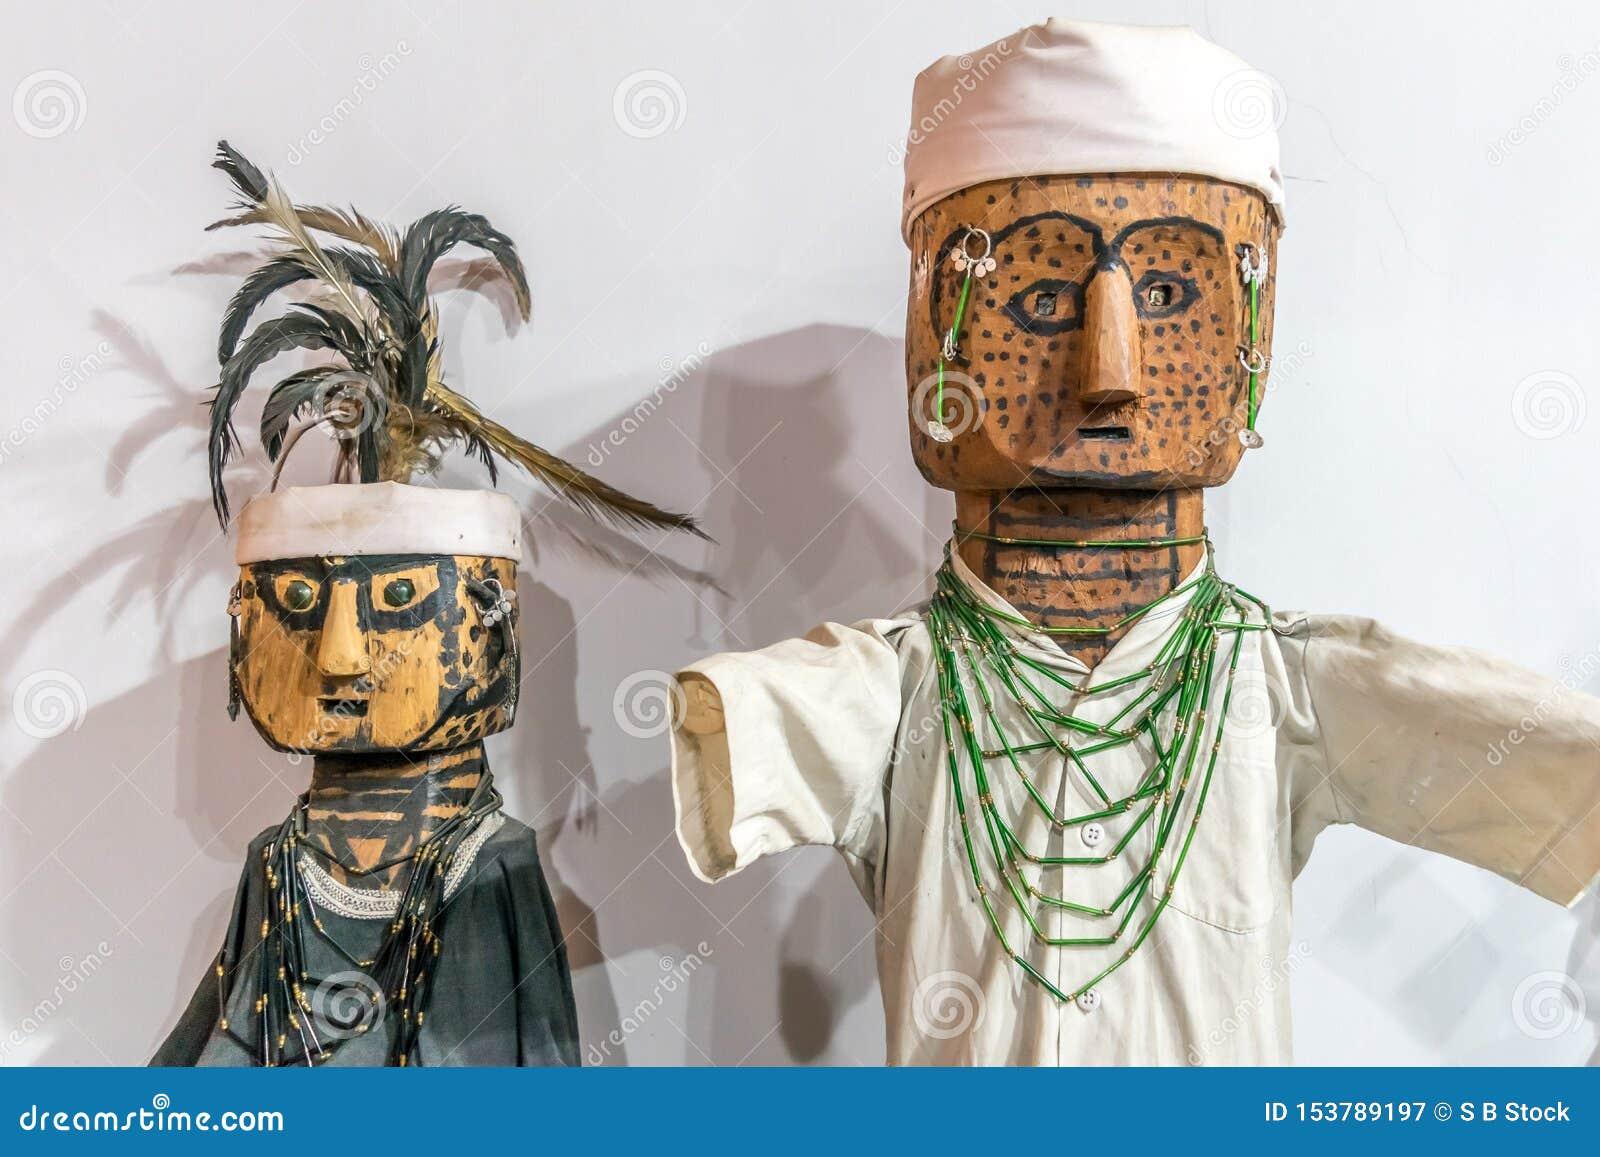 Kleine handgefertigte und handgemalte hölzerne Weinlese Pinocchio-Marionetten-Marionettenpuppe Ein glänzender Kindheitscharakter